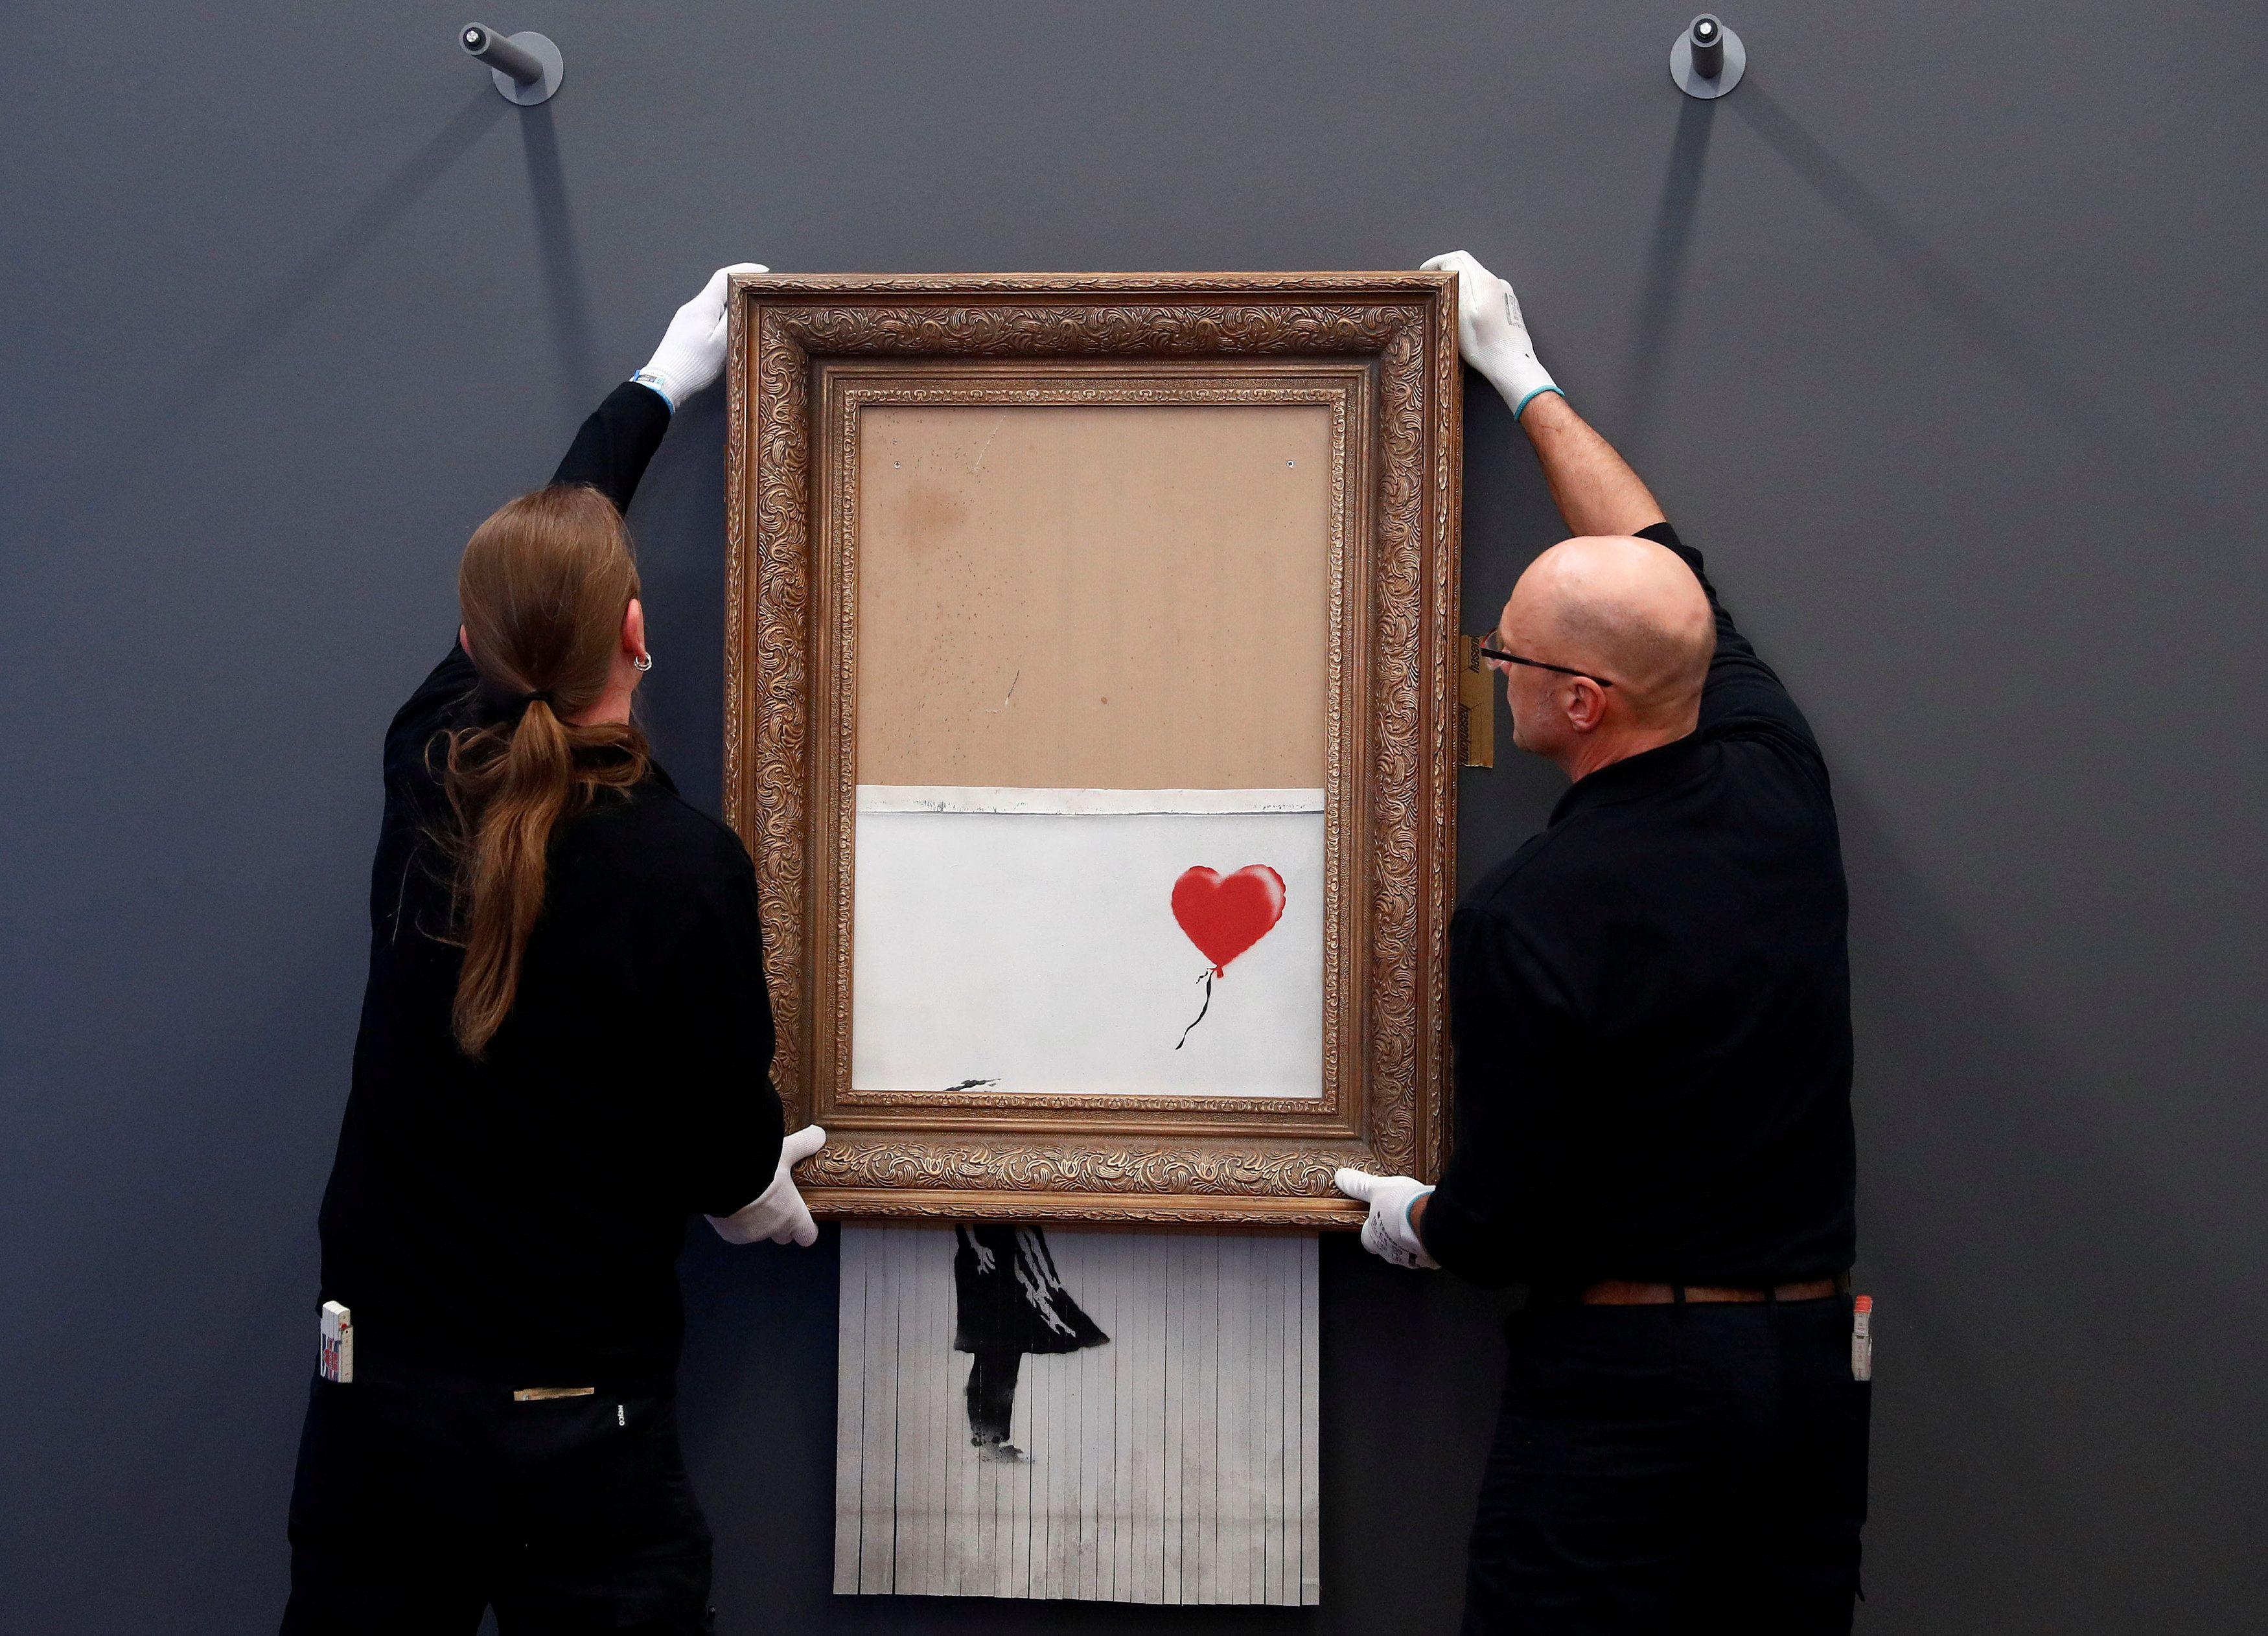 """Empleados de la casa de remates Sotheby en Londres sostienen la obra de Banksy conocida originalmente como """"Niña con globo"""" que se retituló """"El amor está en el tacho"""" al destruirse tras su venta y convertirse en la primera pieza en la historia creada en vivo durante una subasta el 5 de octubre de 2018"""